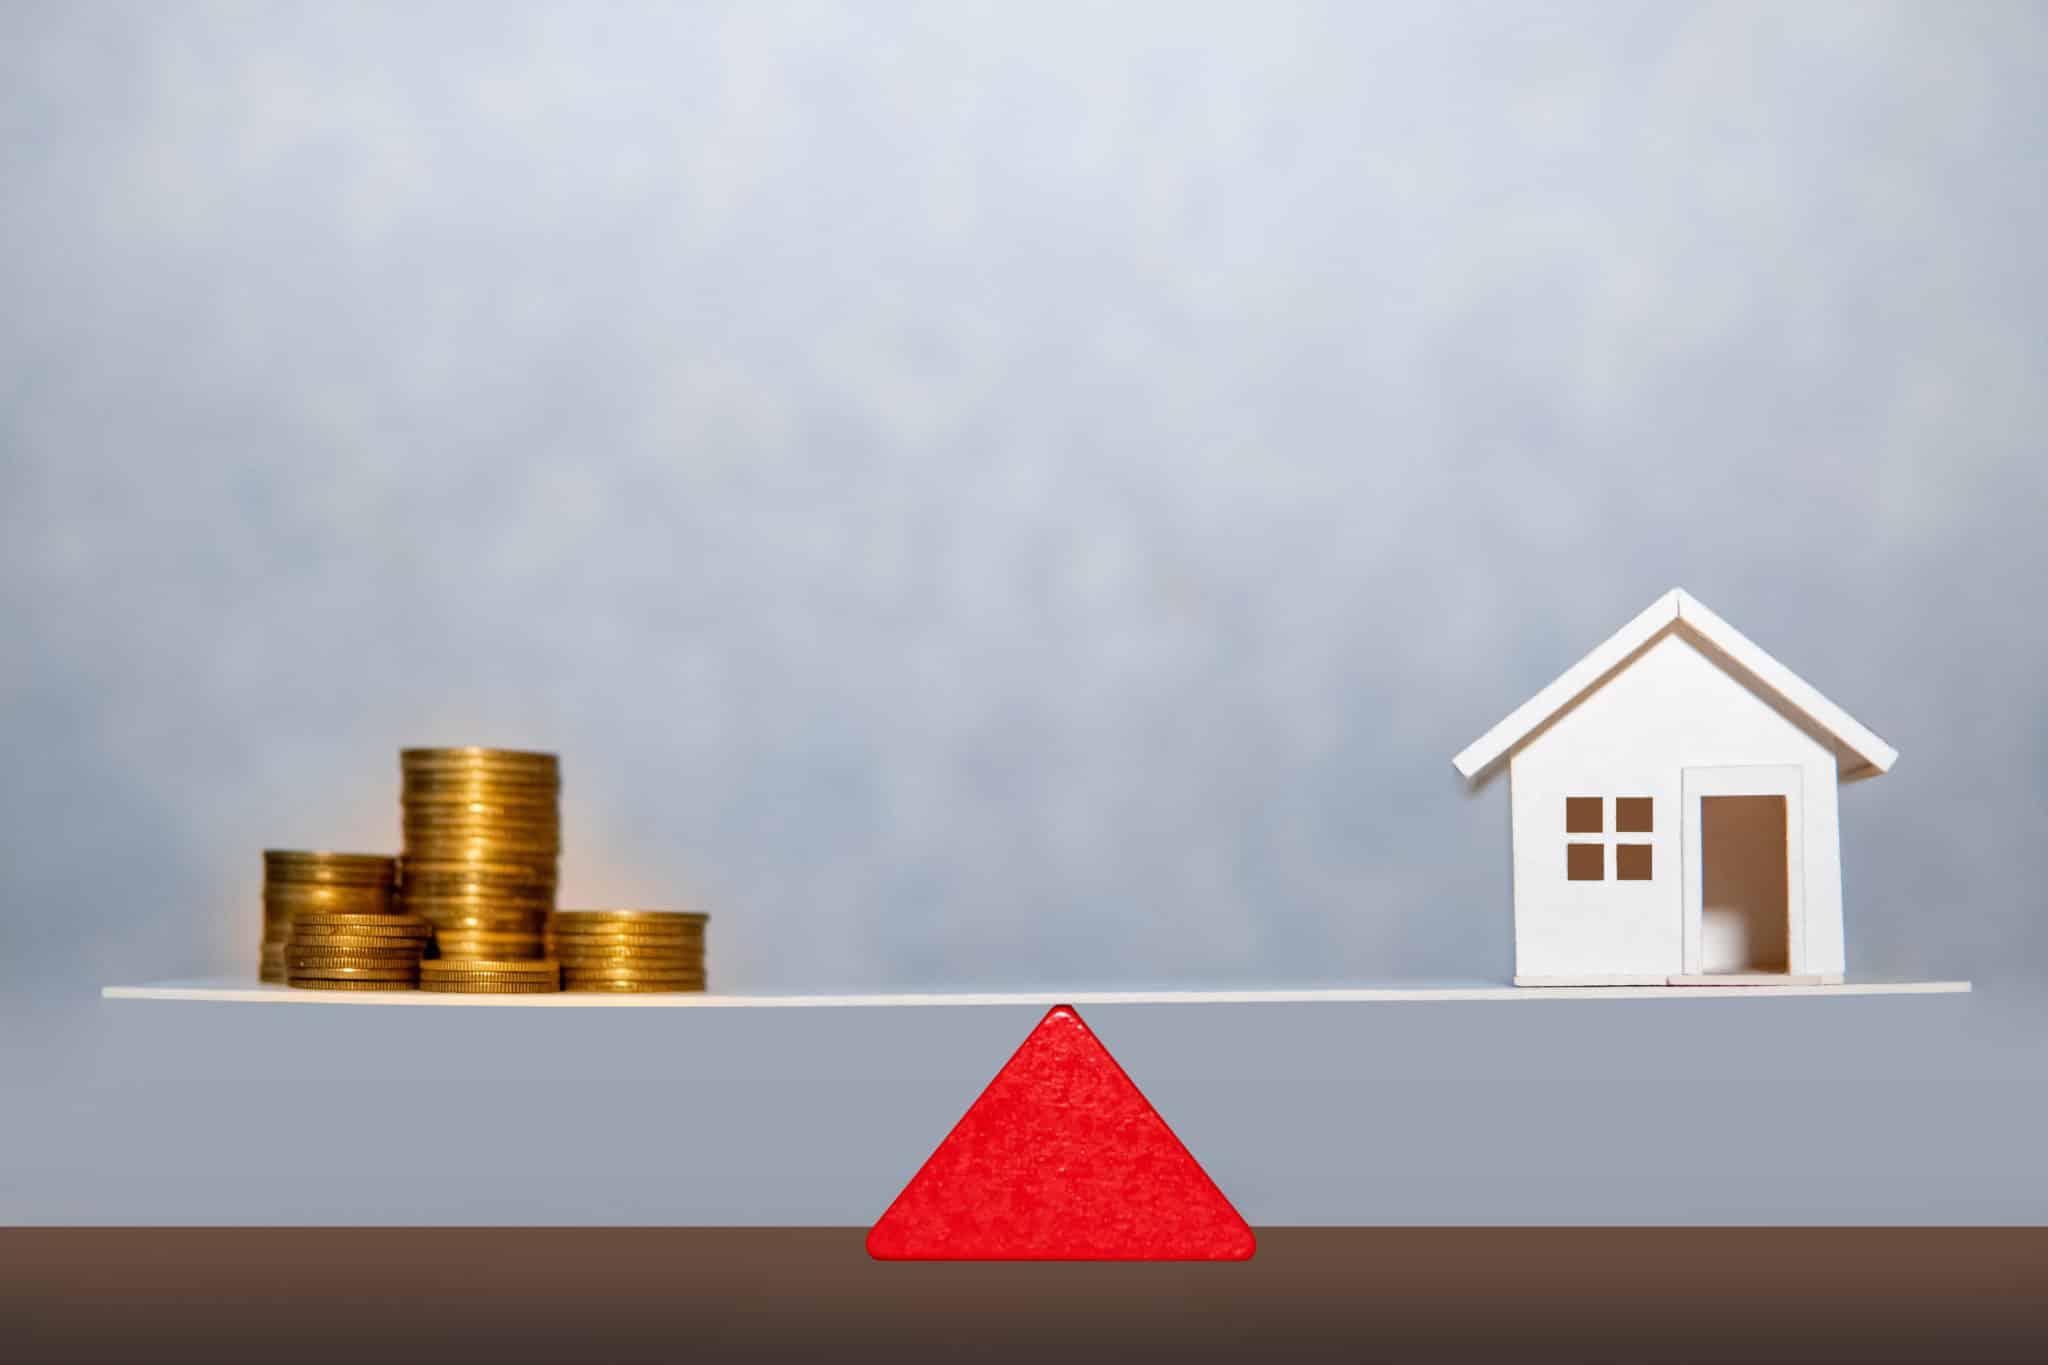 La révision du loyer du bail d'habitation : comment la prévoir ? comment la calculer ?